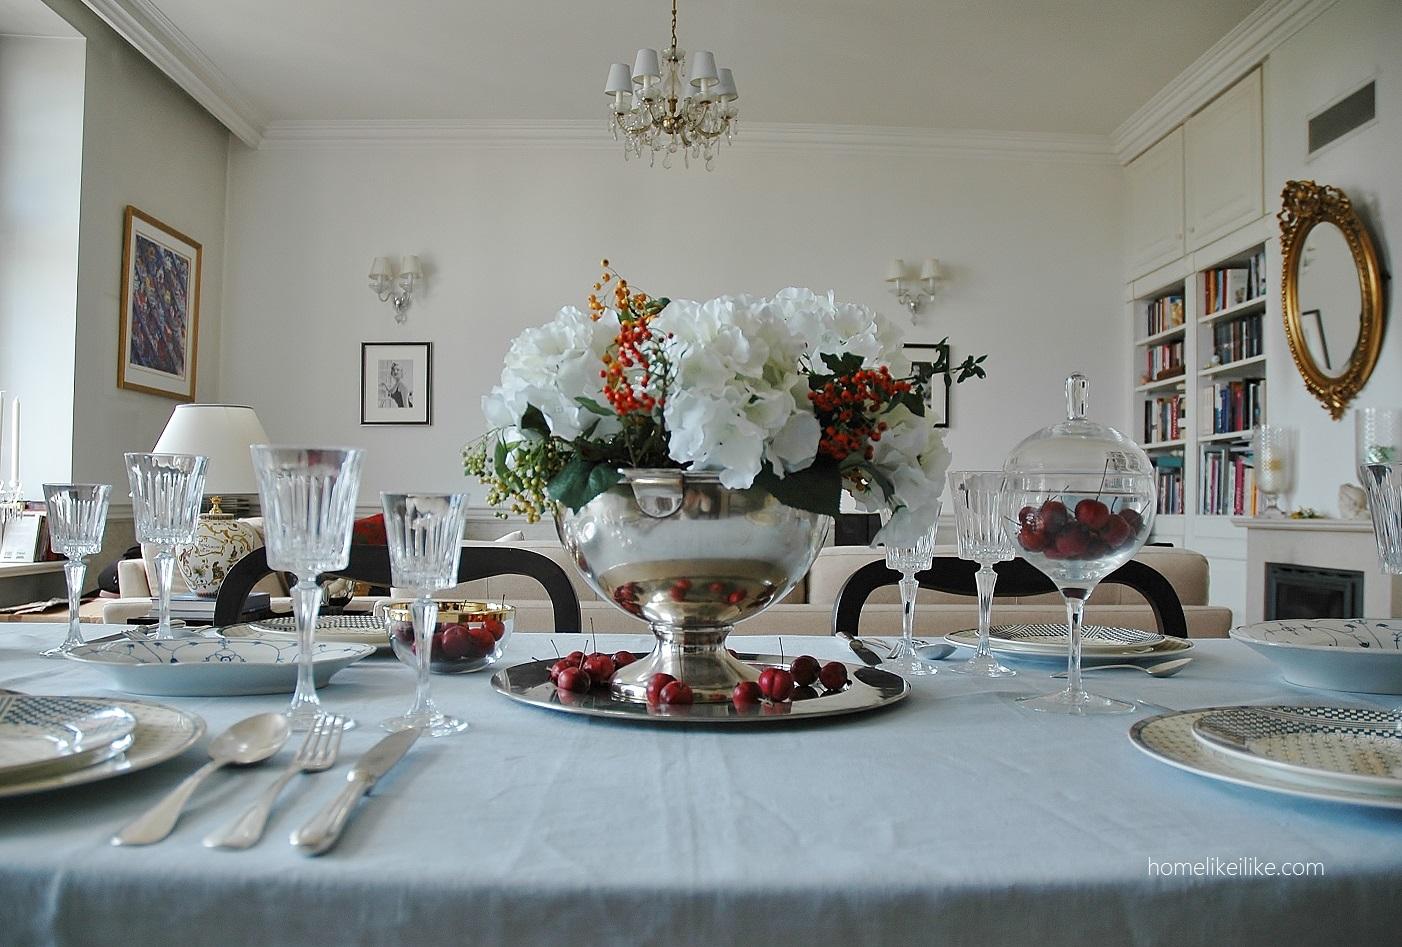 Centerpiece by paweł puszczyński Modern Classic Home - homelikeilike.com